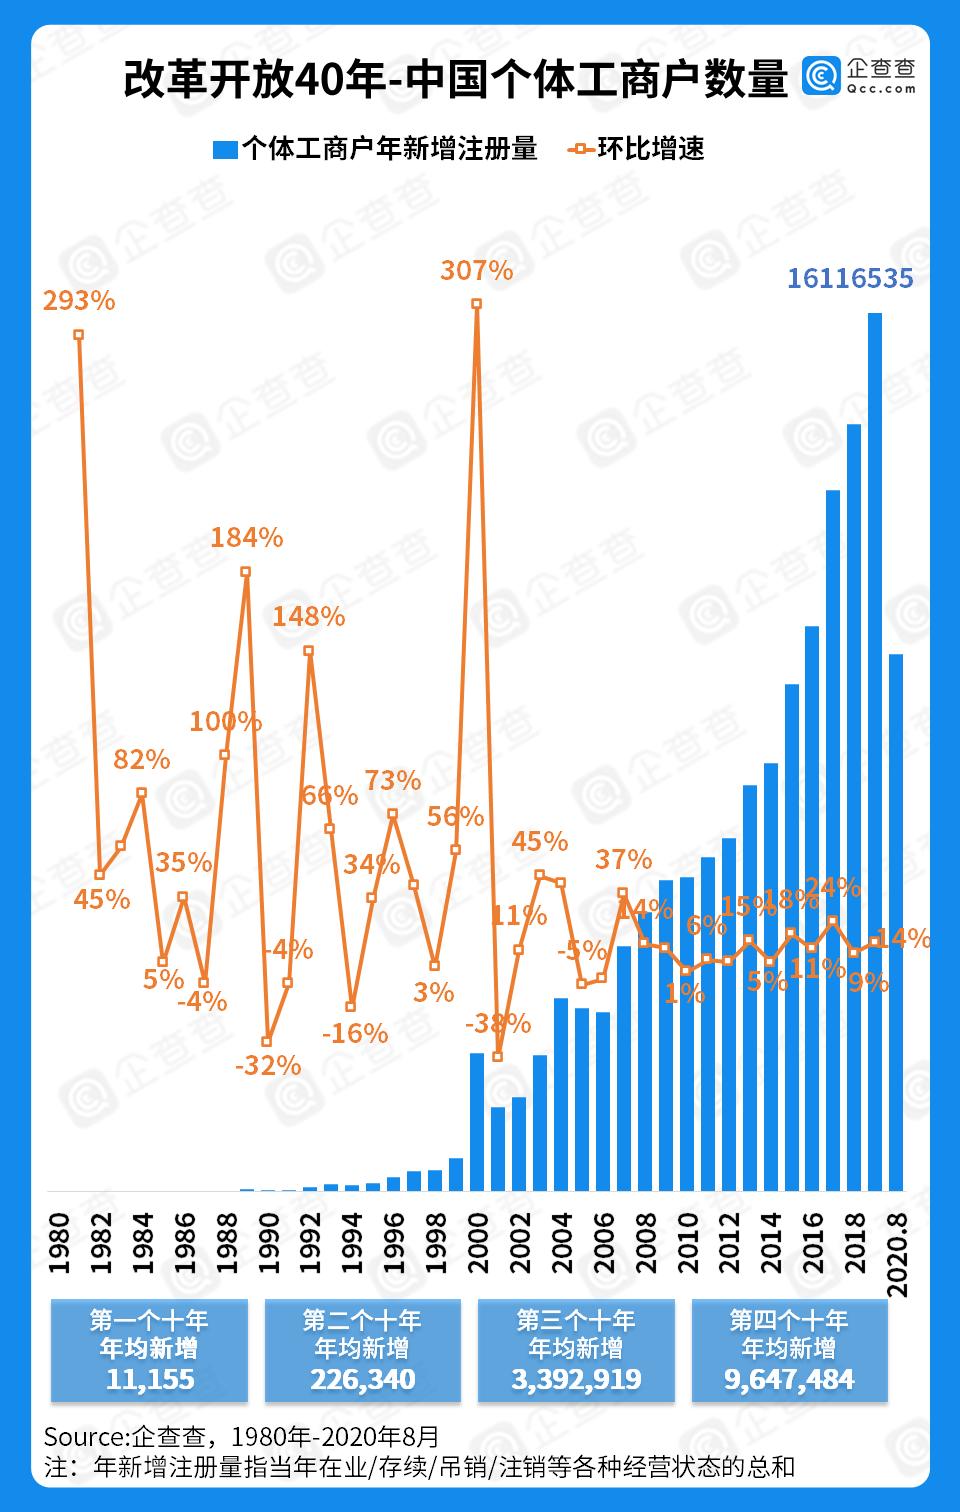 个体户发展图鉴:占市场主体超六成 连续13年保持正增长